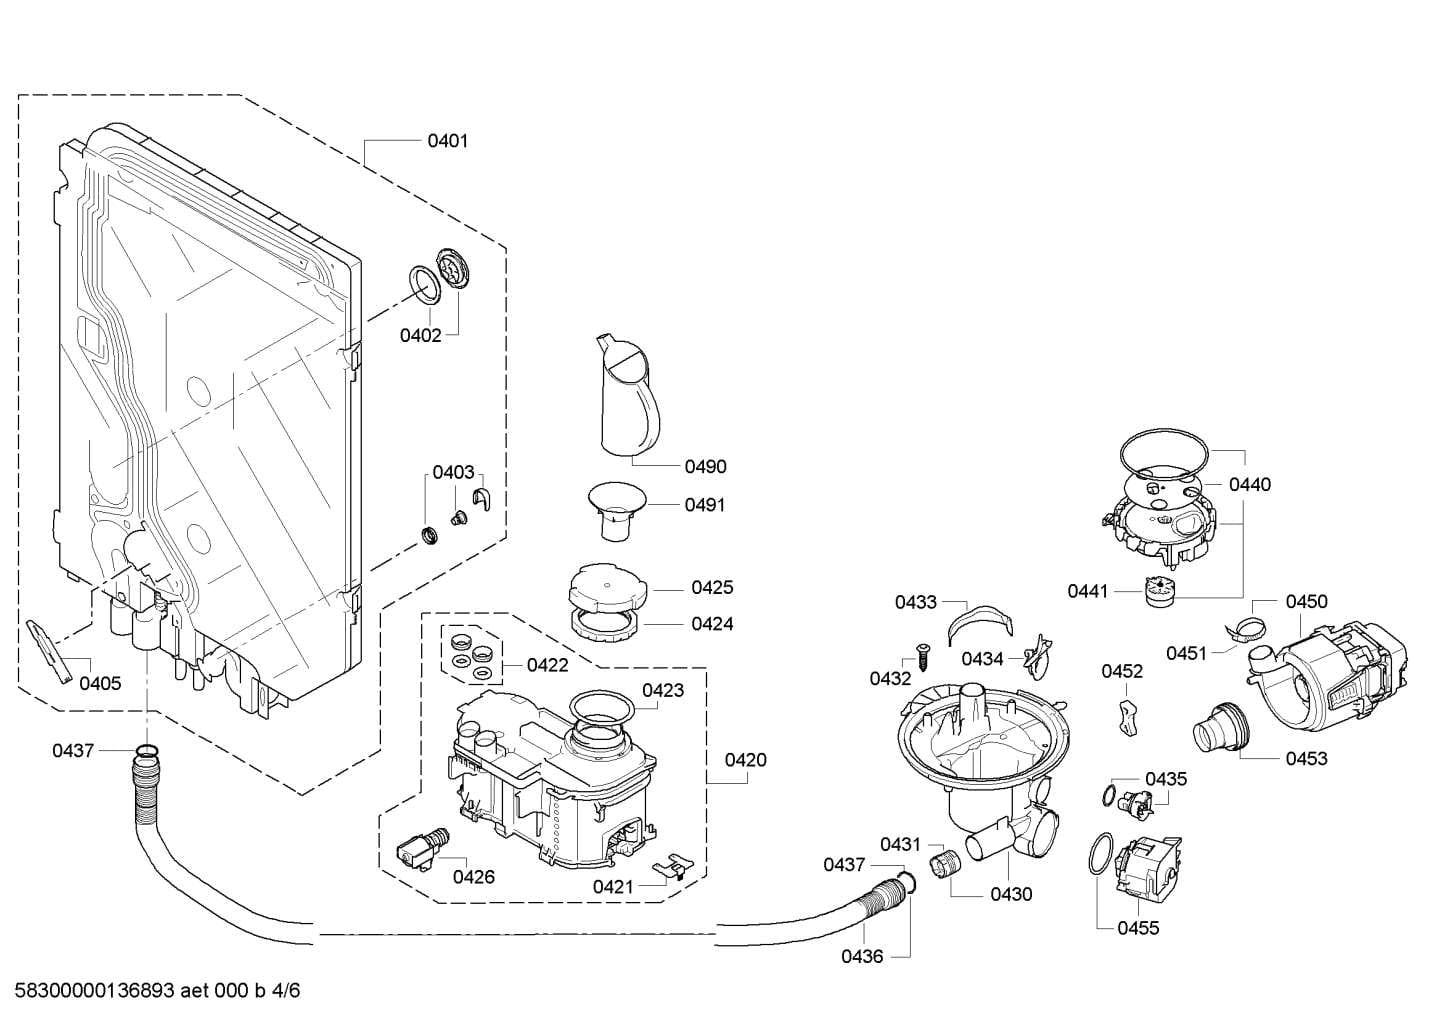 lave vaisselle bosch erreur e17 video. Black Bedroom Furniture Sets. Home Design Ideas